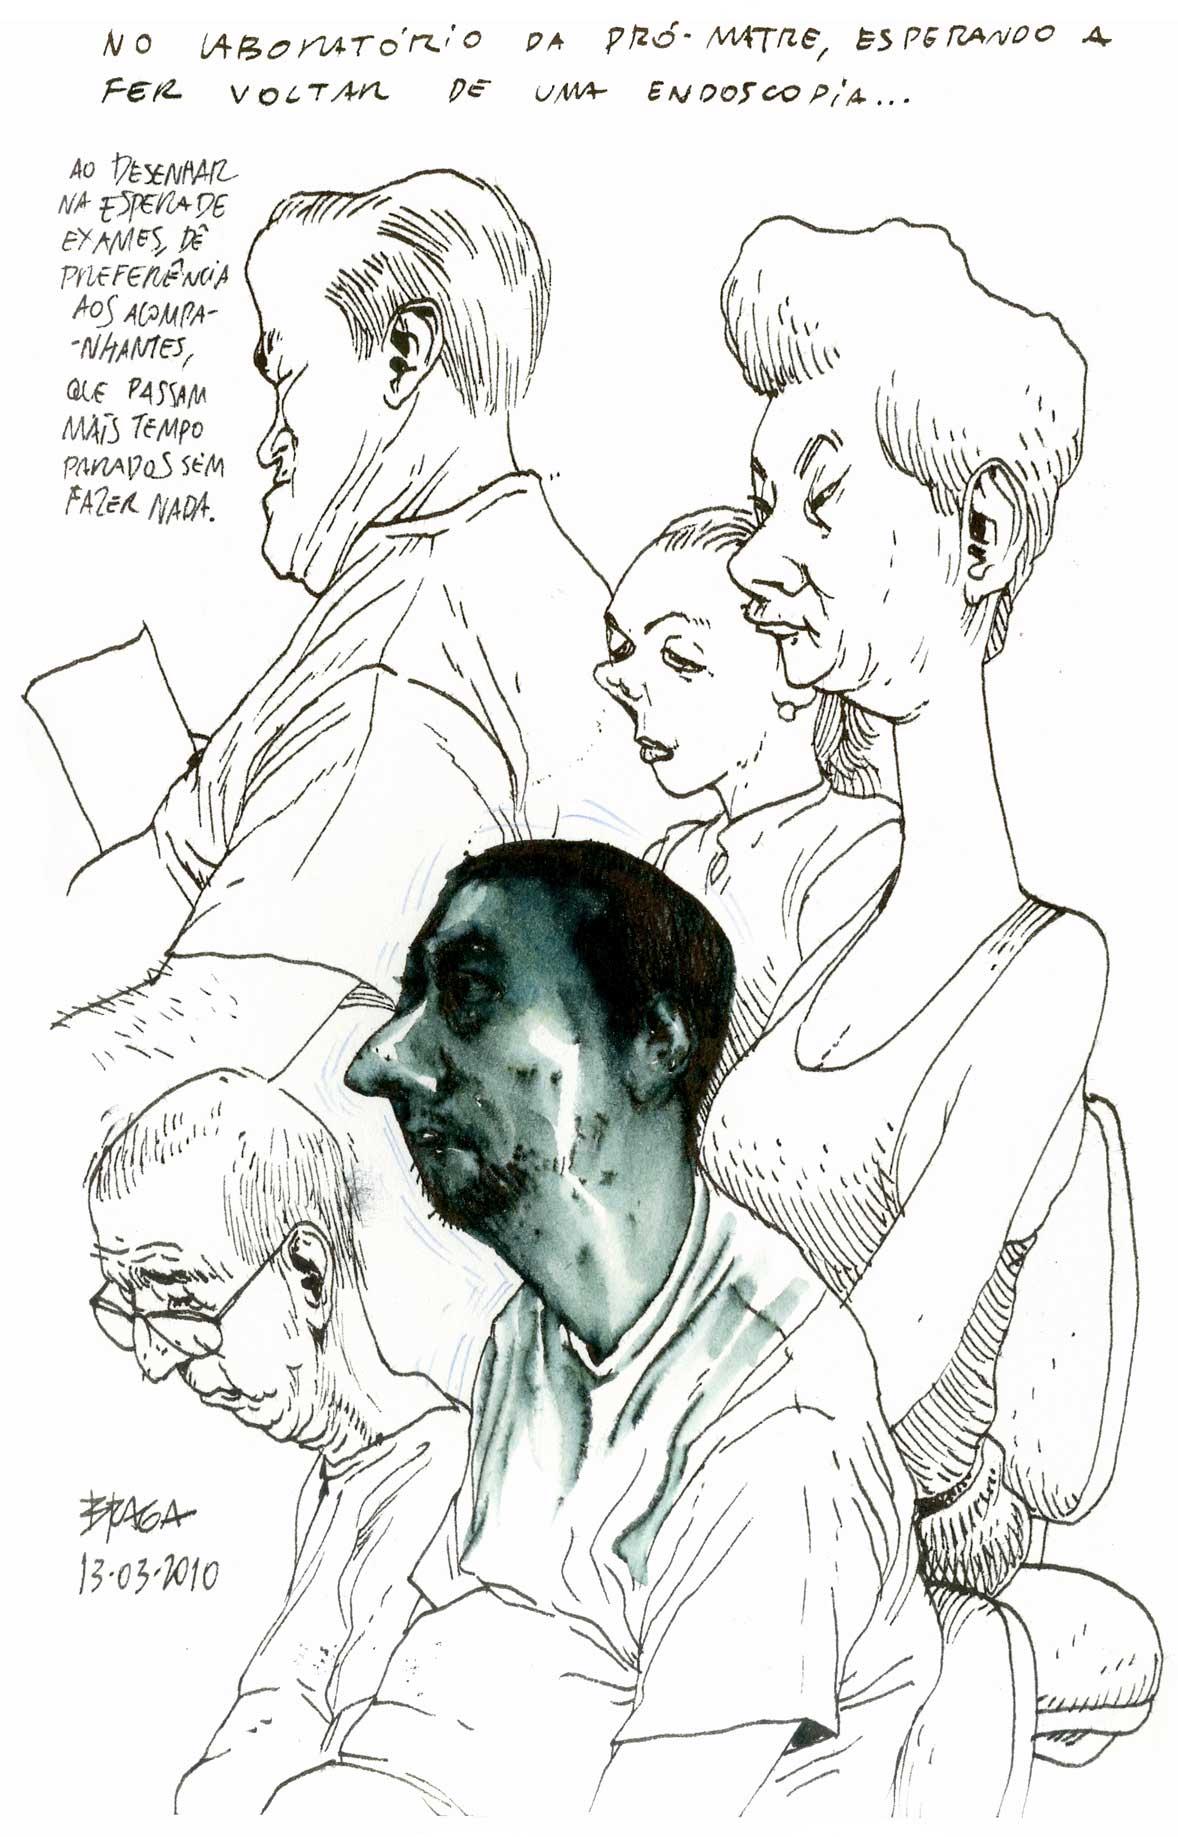 diburros-desenhado-gente-02